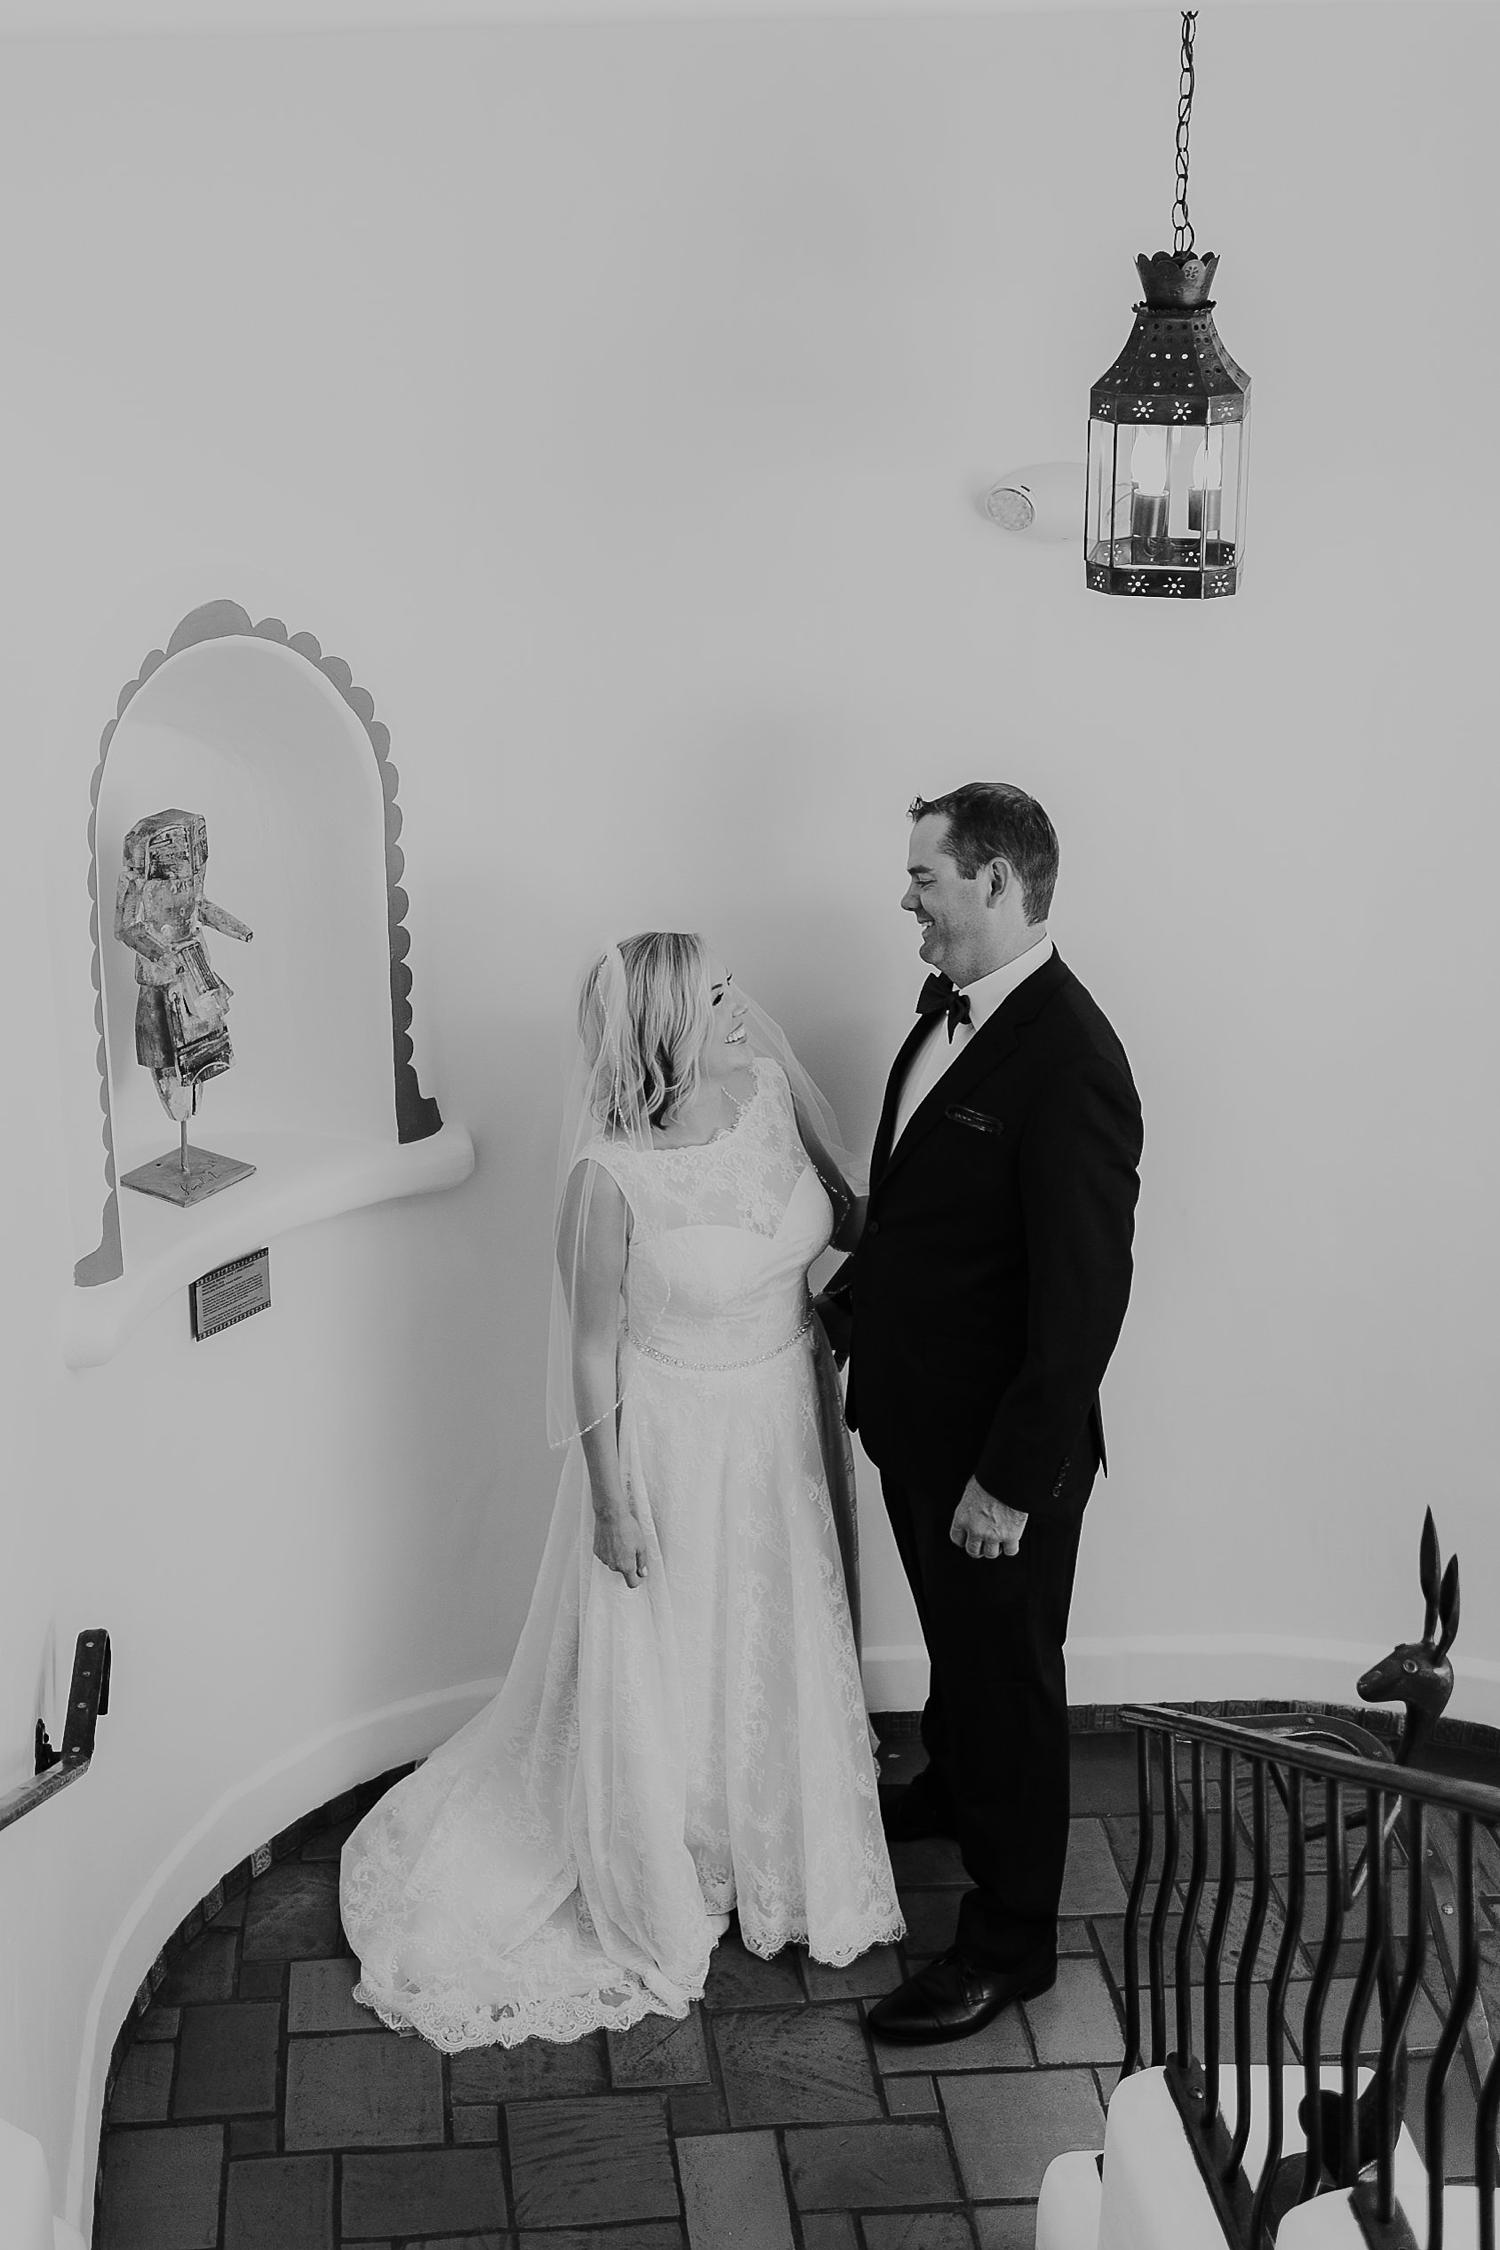 Alicia+lucia+photography+-+albuquerque+wedding+photographer+-+santa+fe+wedding+photography+-+new+mexico+wedding+photographer+-+la+fonda+wedding+-+la+fonda+fall+wedding+-+intimate+la+fonda+wedding_0059.jpg